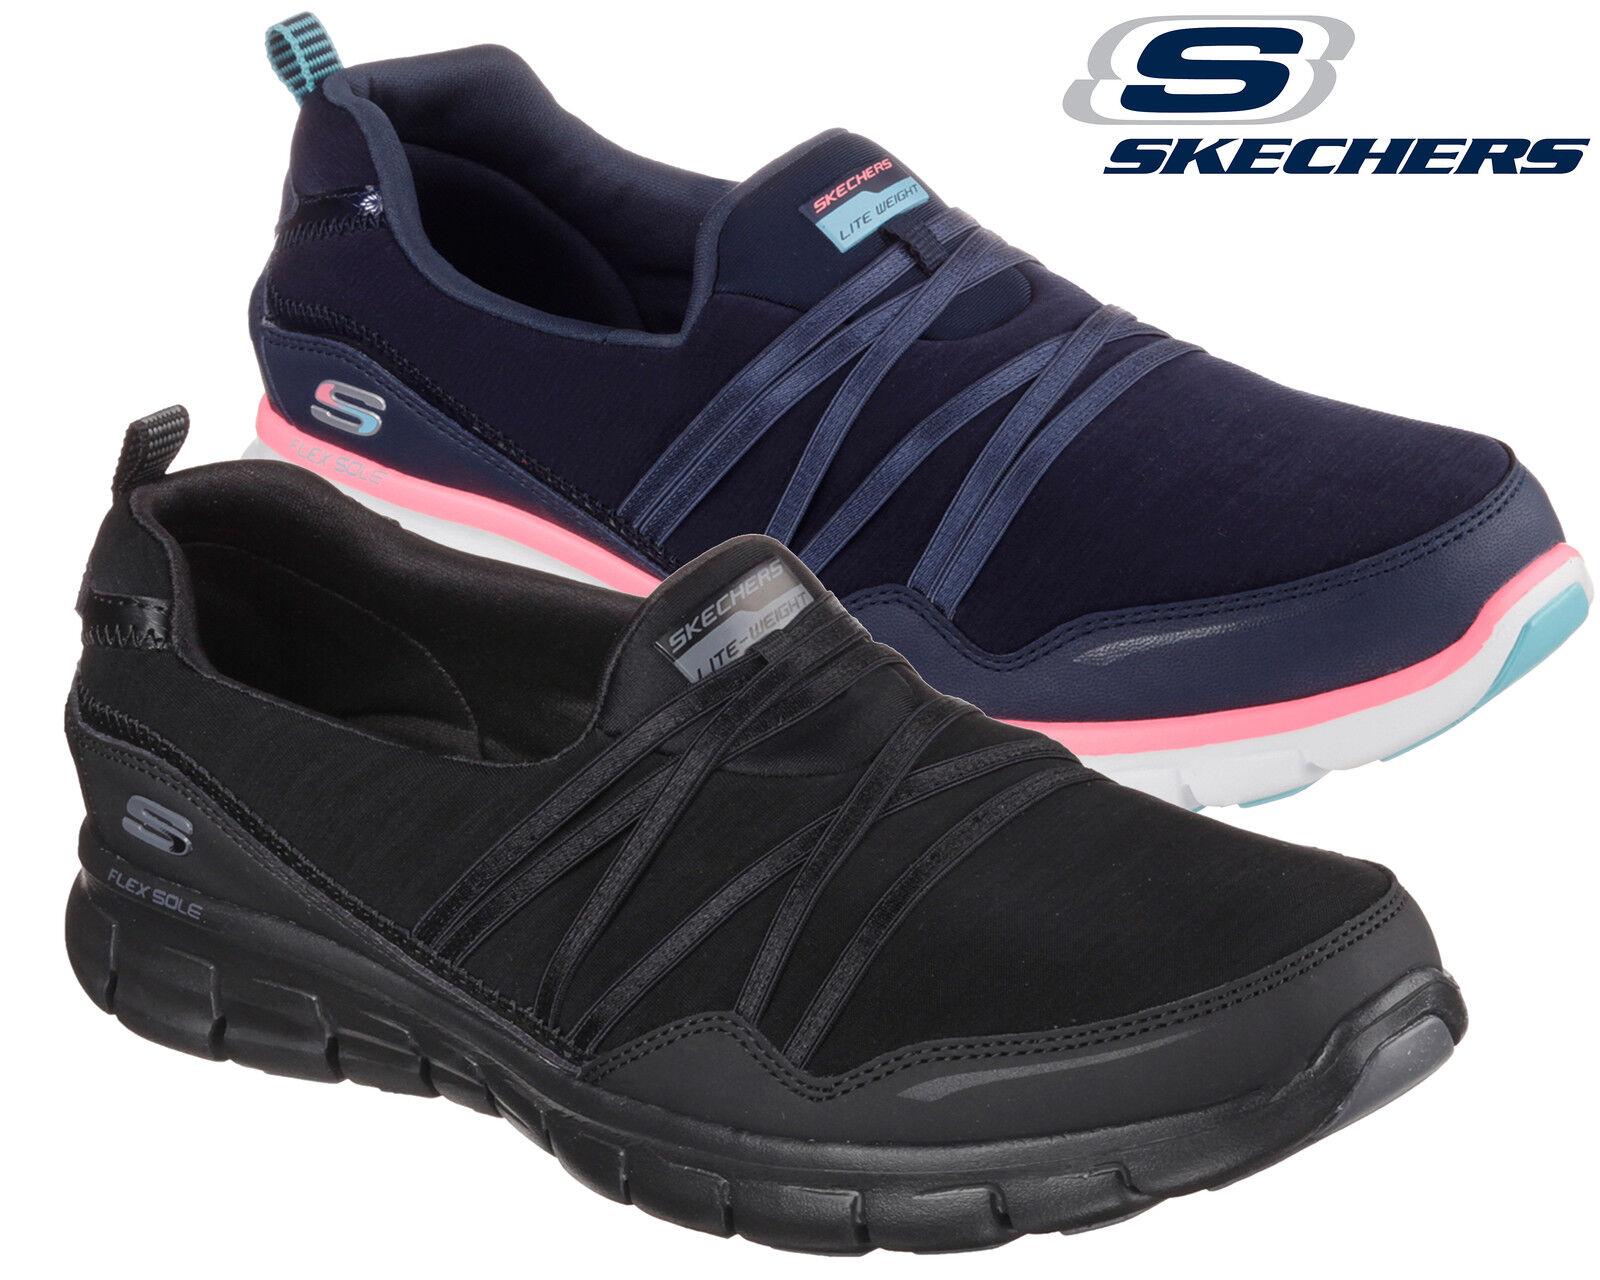 Ladies Skechers Go Walk Memory Foam Slip On Black Trainers Work Walking Shoes